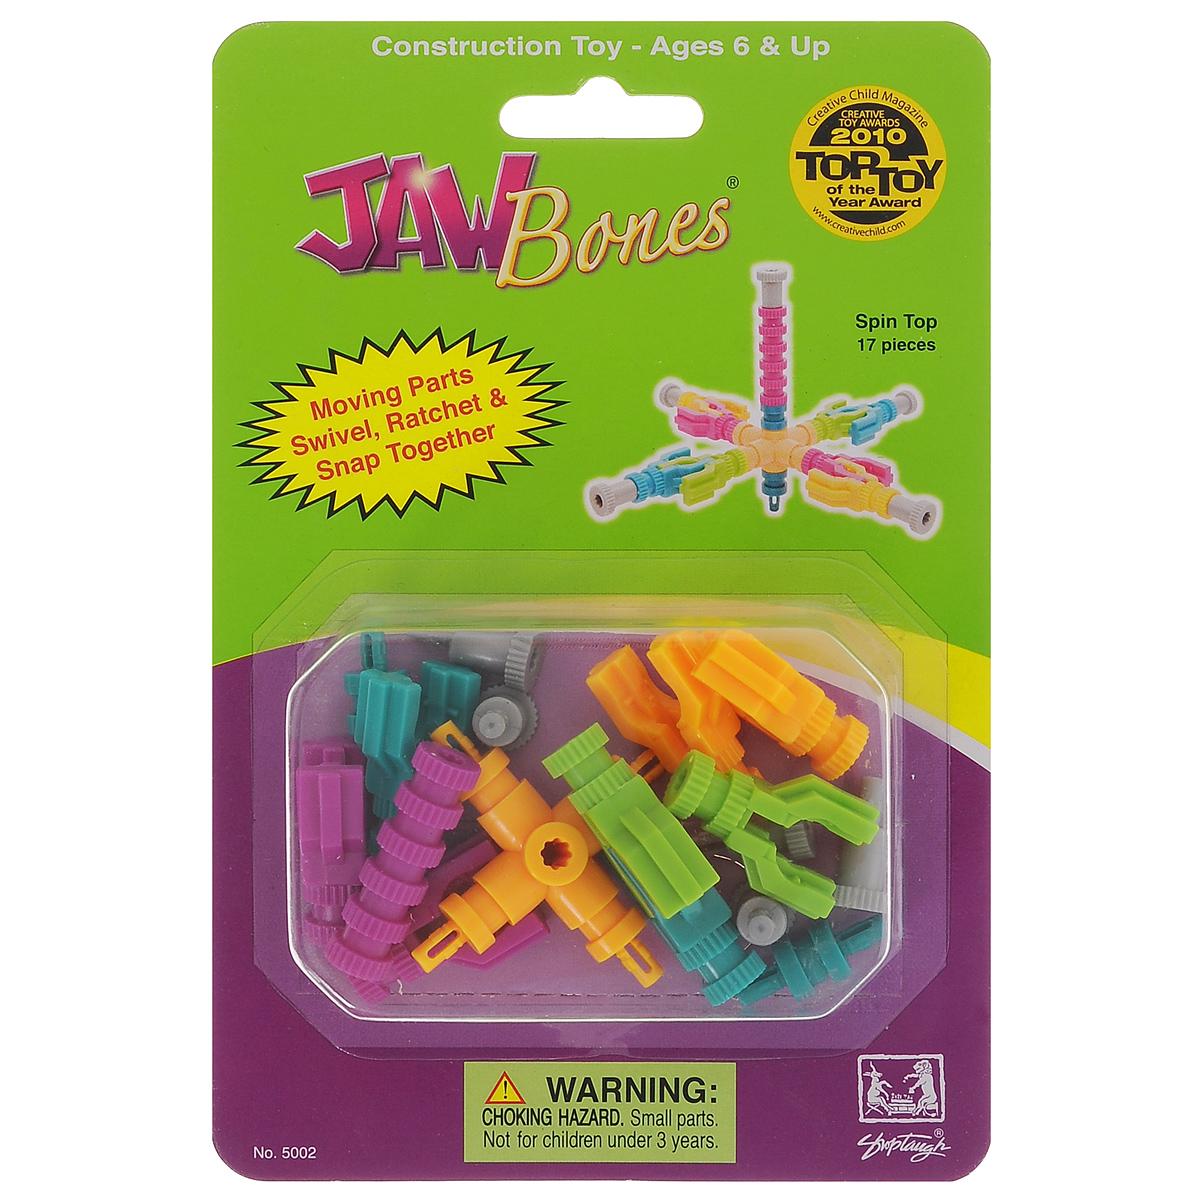 Jawbones Конструктор Юла5002Новый развивающий конструктор Jawbones непременно понравится вашему ребенку! При помощи красочных деталей, с уникальным креплением, можно собрать юлу в оригинальном и неповторимом стиле. Конструктор состоит из 17 элементов разного размера, цвета и назначения. Ваш ребенок с удовольствием будет играть с конструктором, придумывая различные истории.